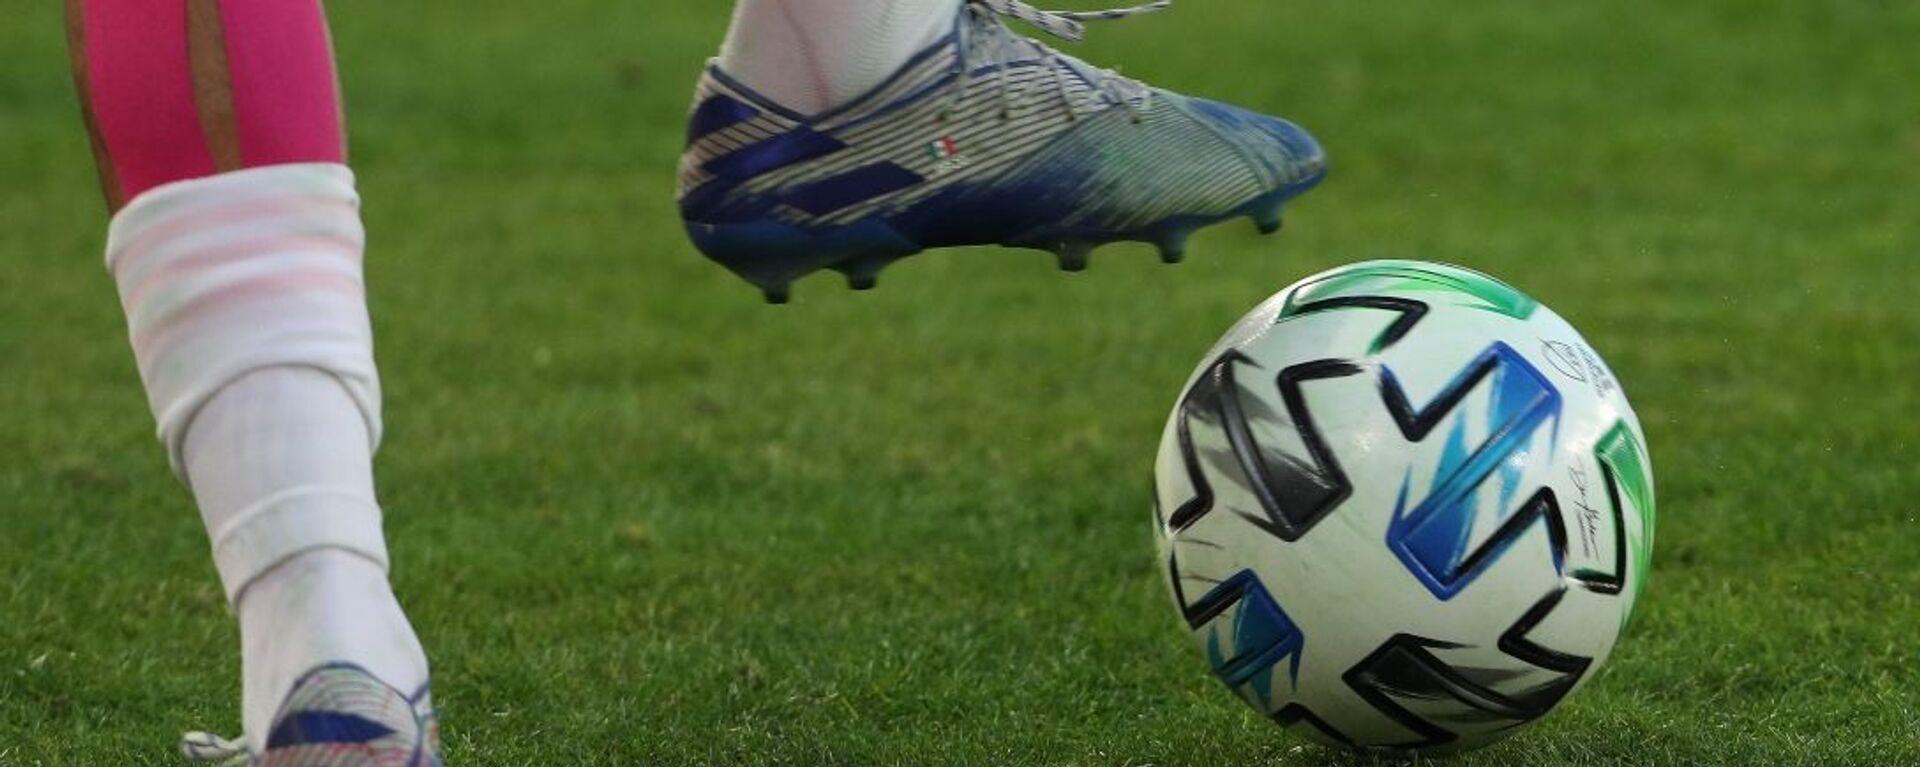 Μπάλα ποδοσφαίρου - Sputnik Ελλάδα, 1920, 07.07.2021